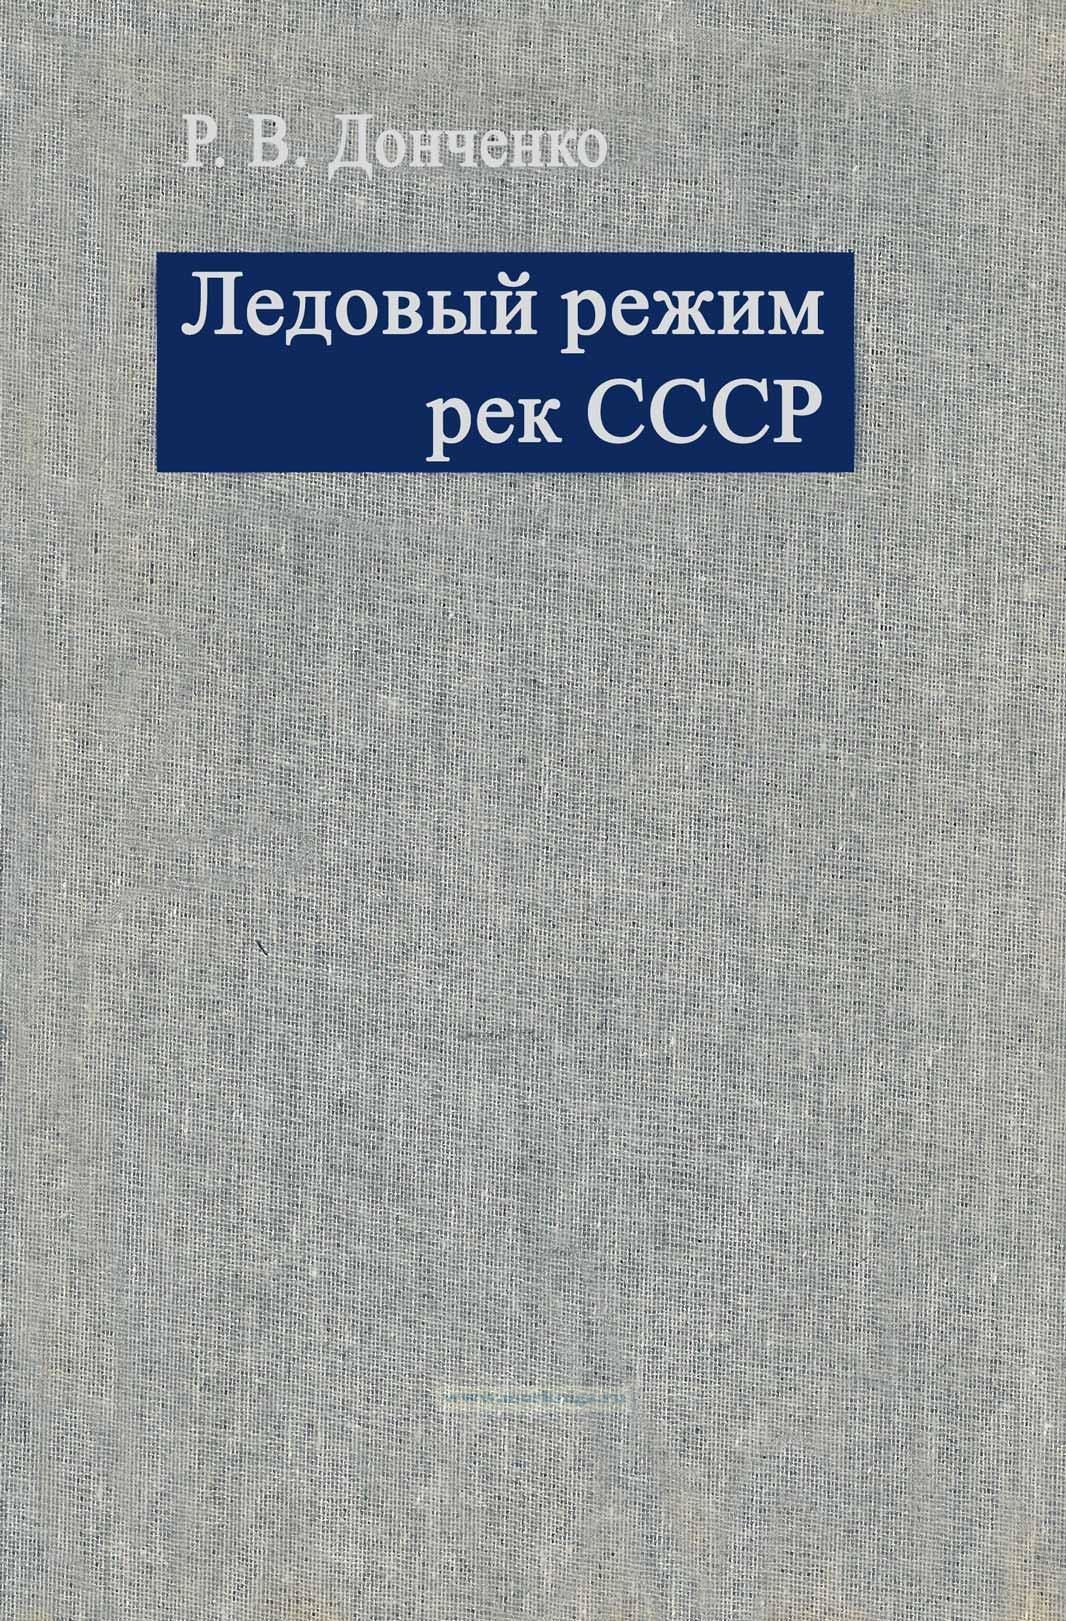 Ледовый режим рек СССР